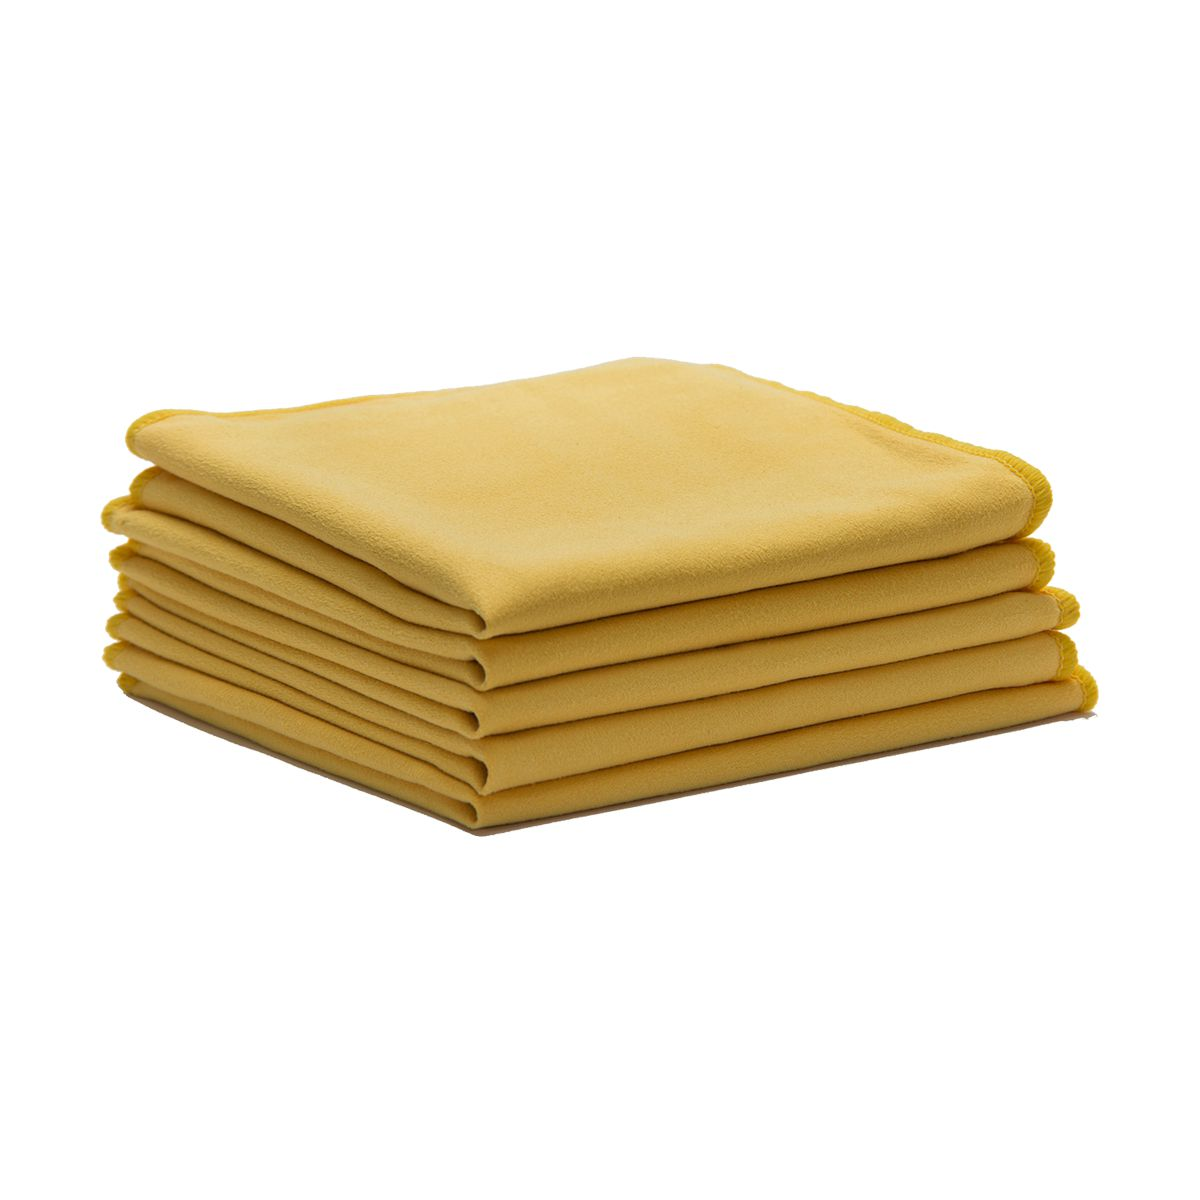 Pano do pó de flanela amarelo 36x36cm (pack 12)